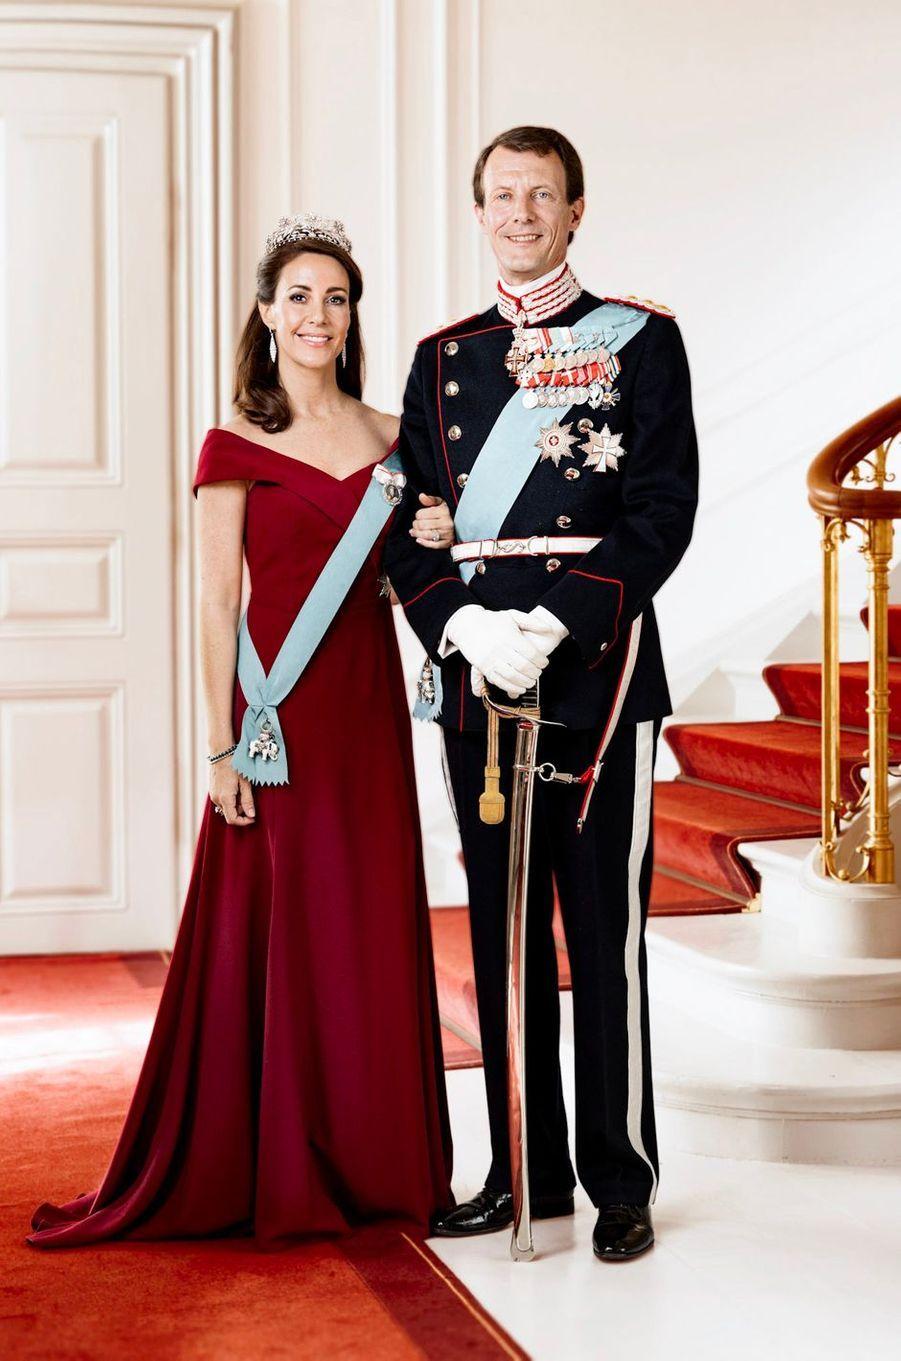 Nouveau portrait officiel du prince Joachim et de la princesse Marie de Danemark, diffusé le 1er juillet 2019